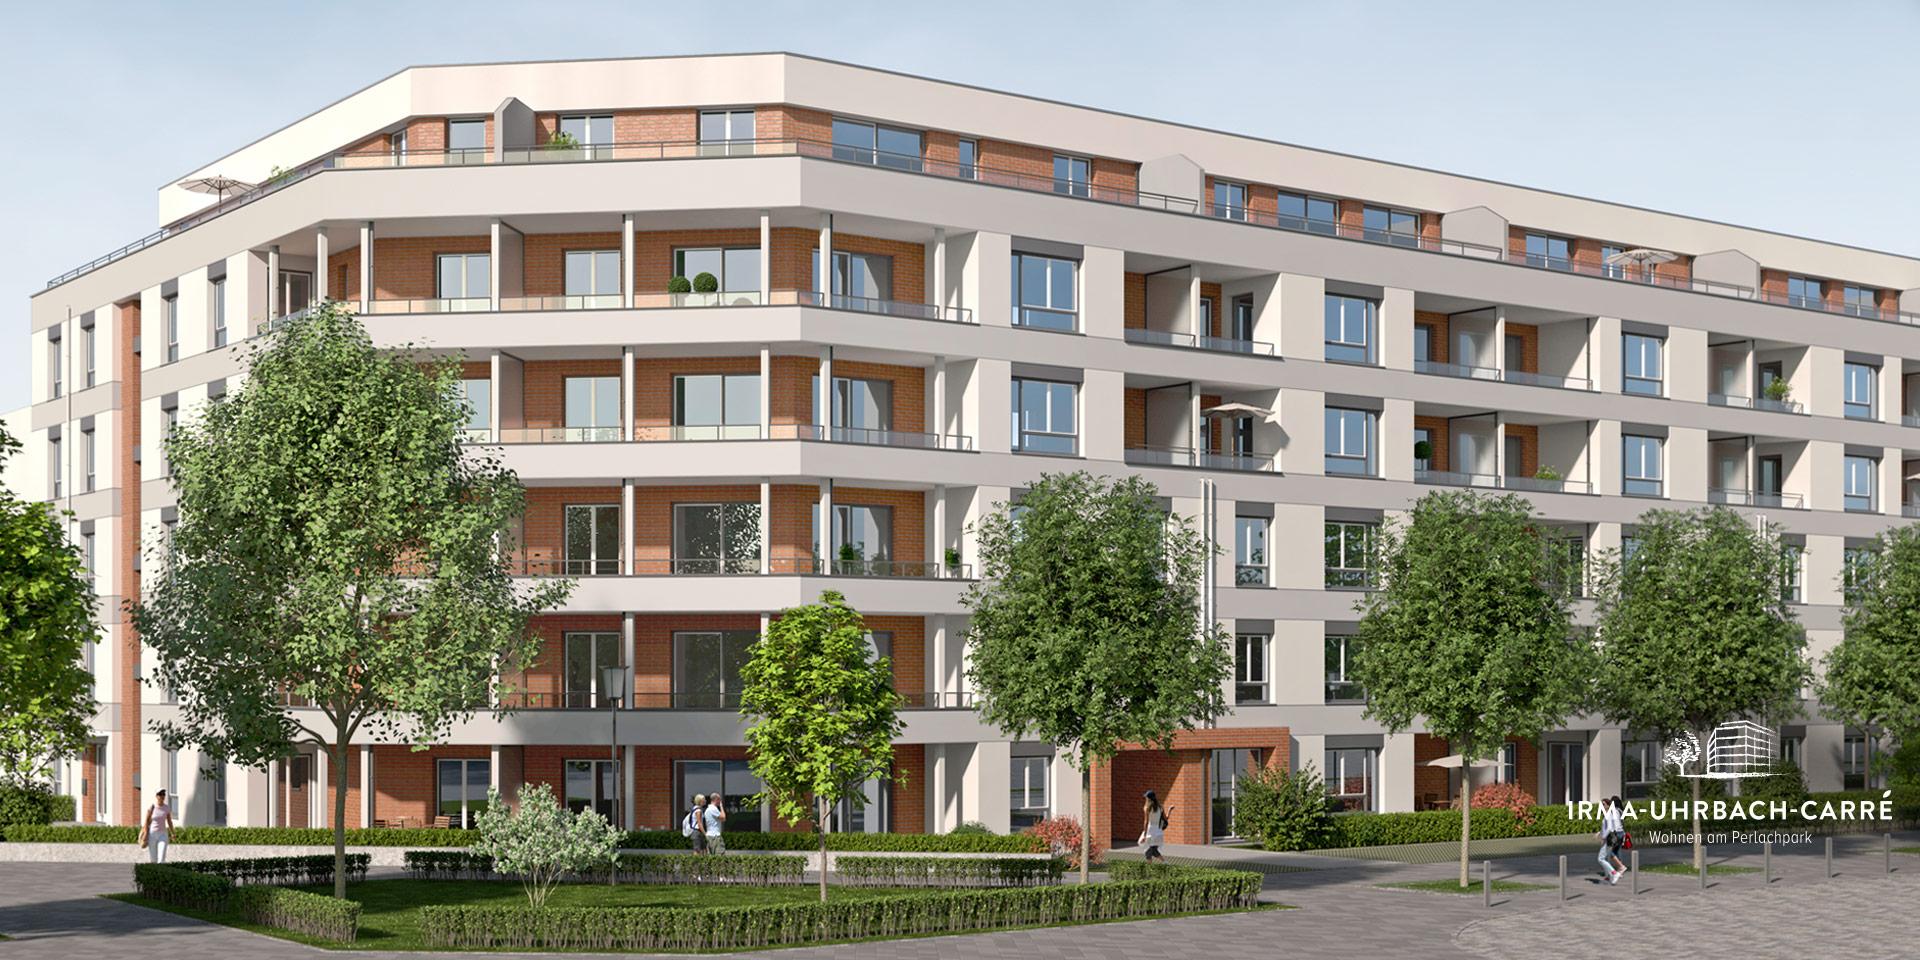 Eigentumswohnungen München: Irma-Uhrbach-Carré